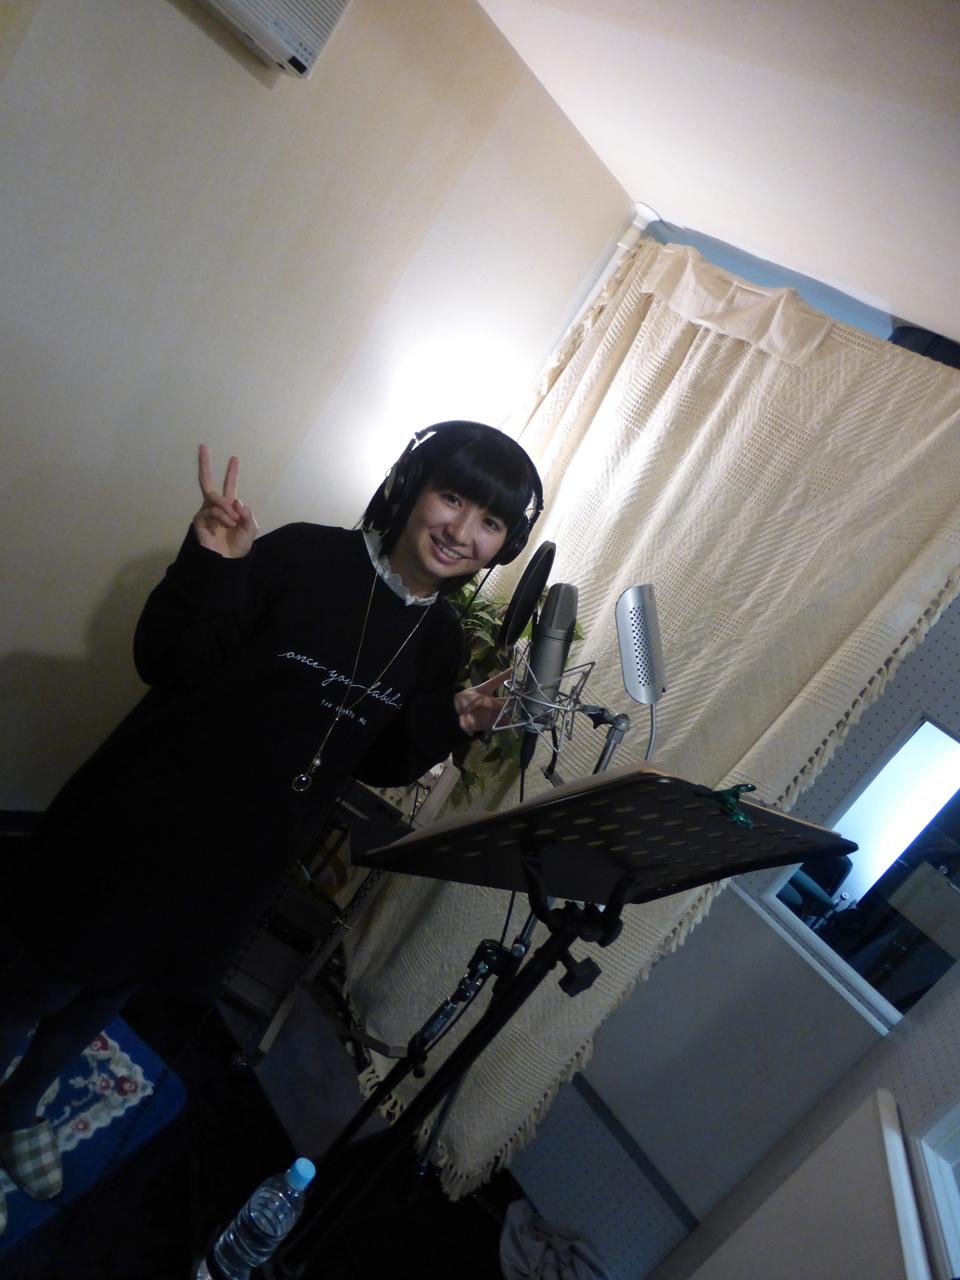 2018年最初のレコーディング!(きいな)